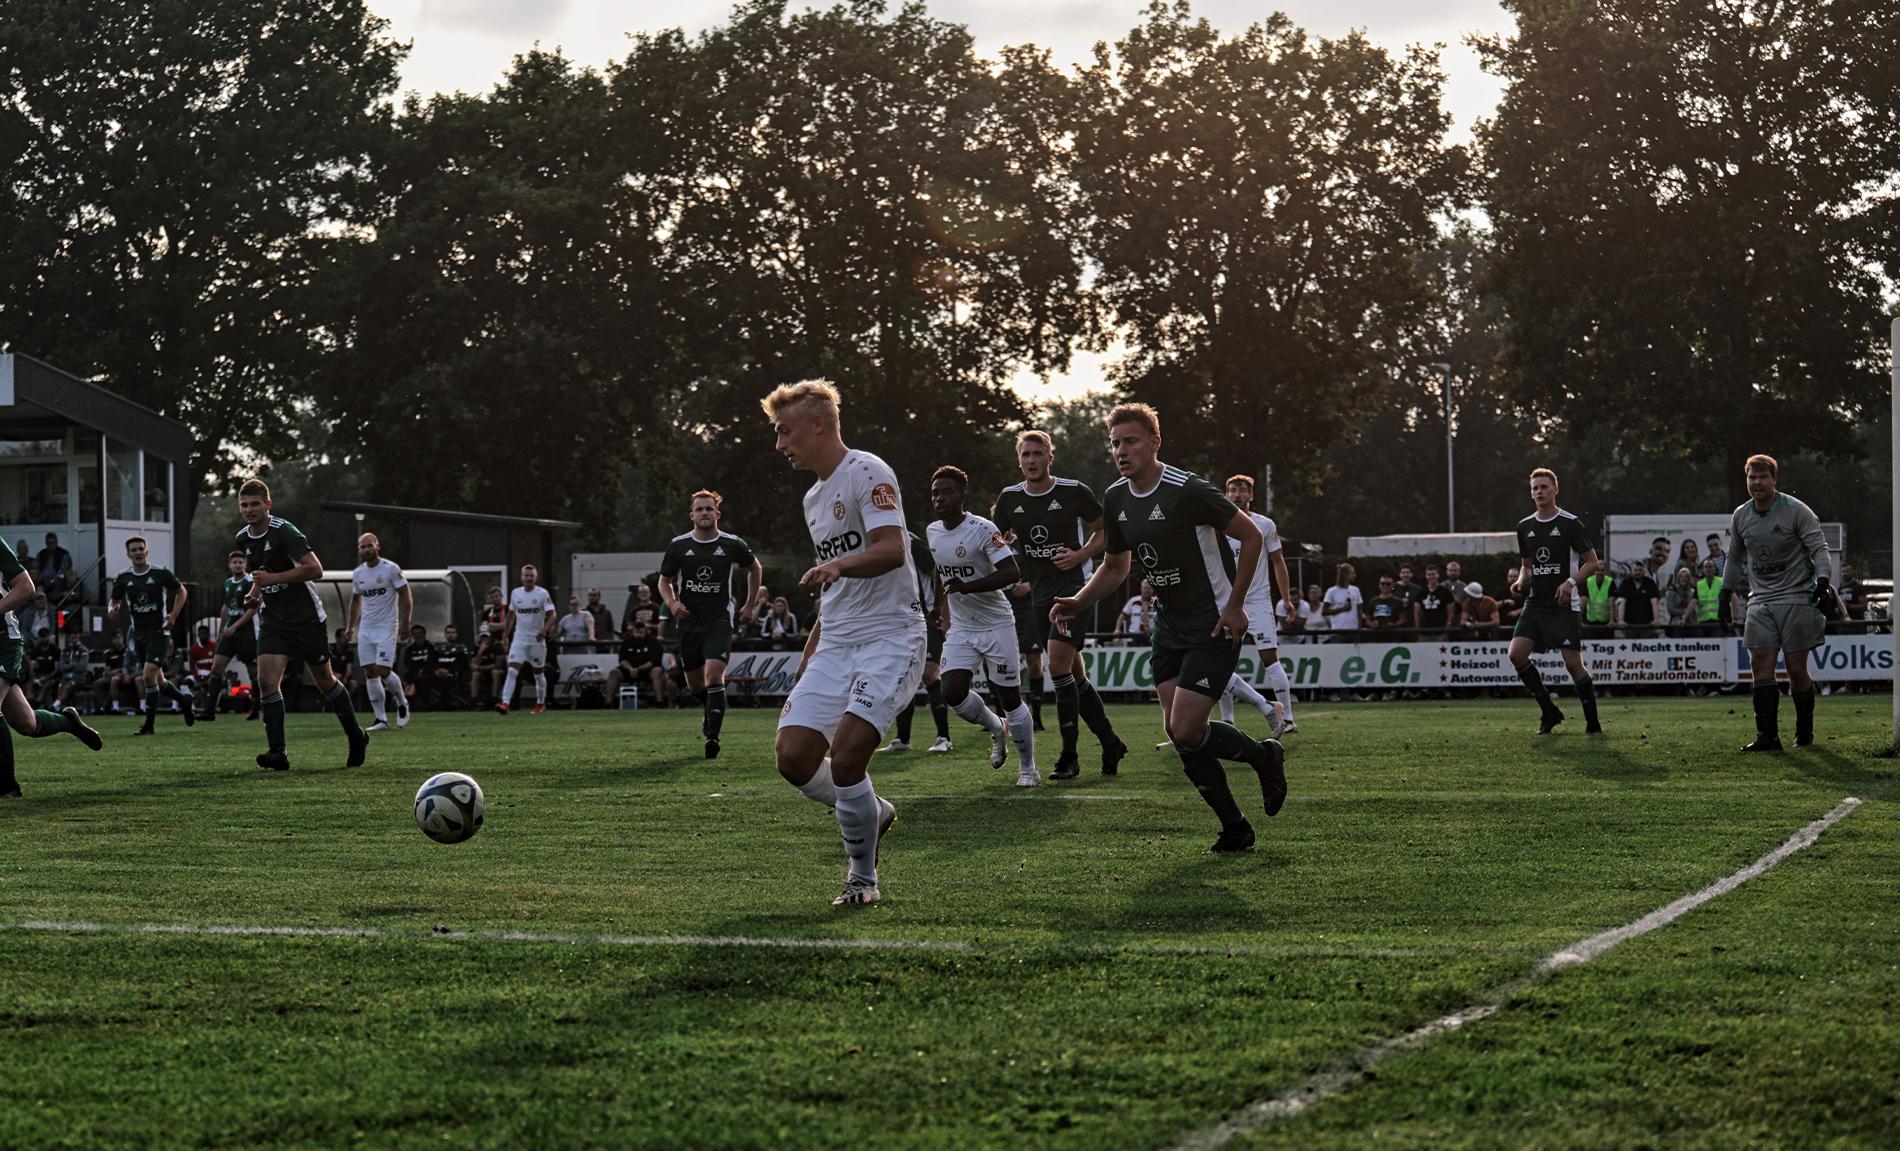 Am kommenden Freitag trifft RWE in einem Benefizspiel auf den FC Iserlohn. (Foto: Strootmann / ISDT)